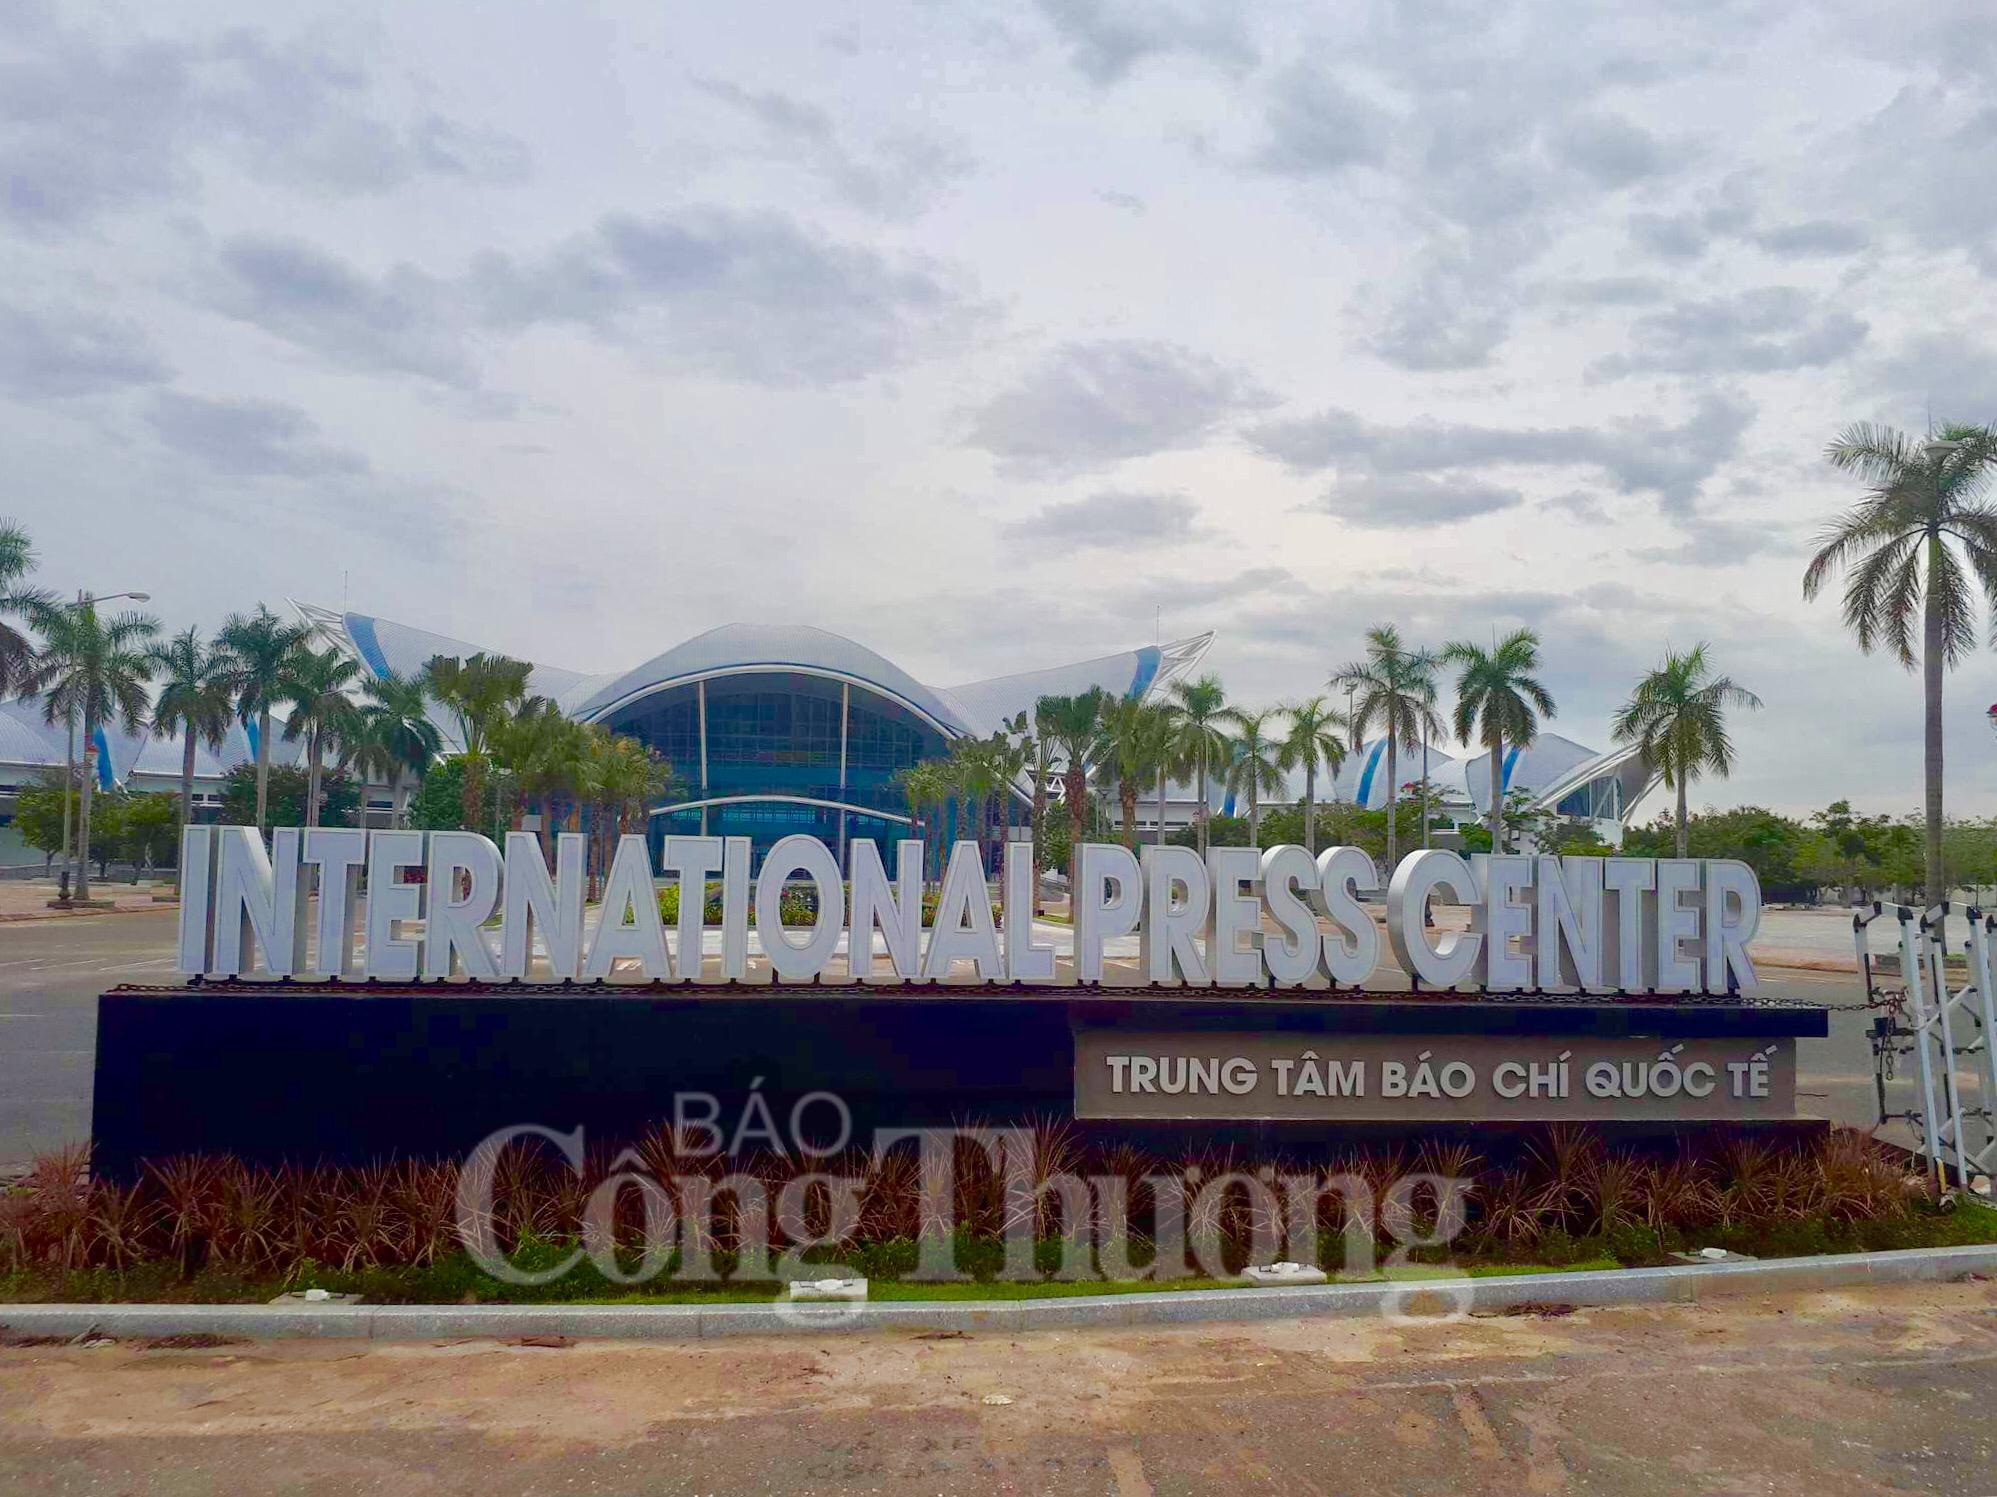 Hoàn thành Trung tâm Báo chí quốc tế tại Tuần lễ cấp cao APEC 2017